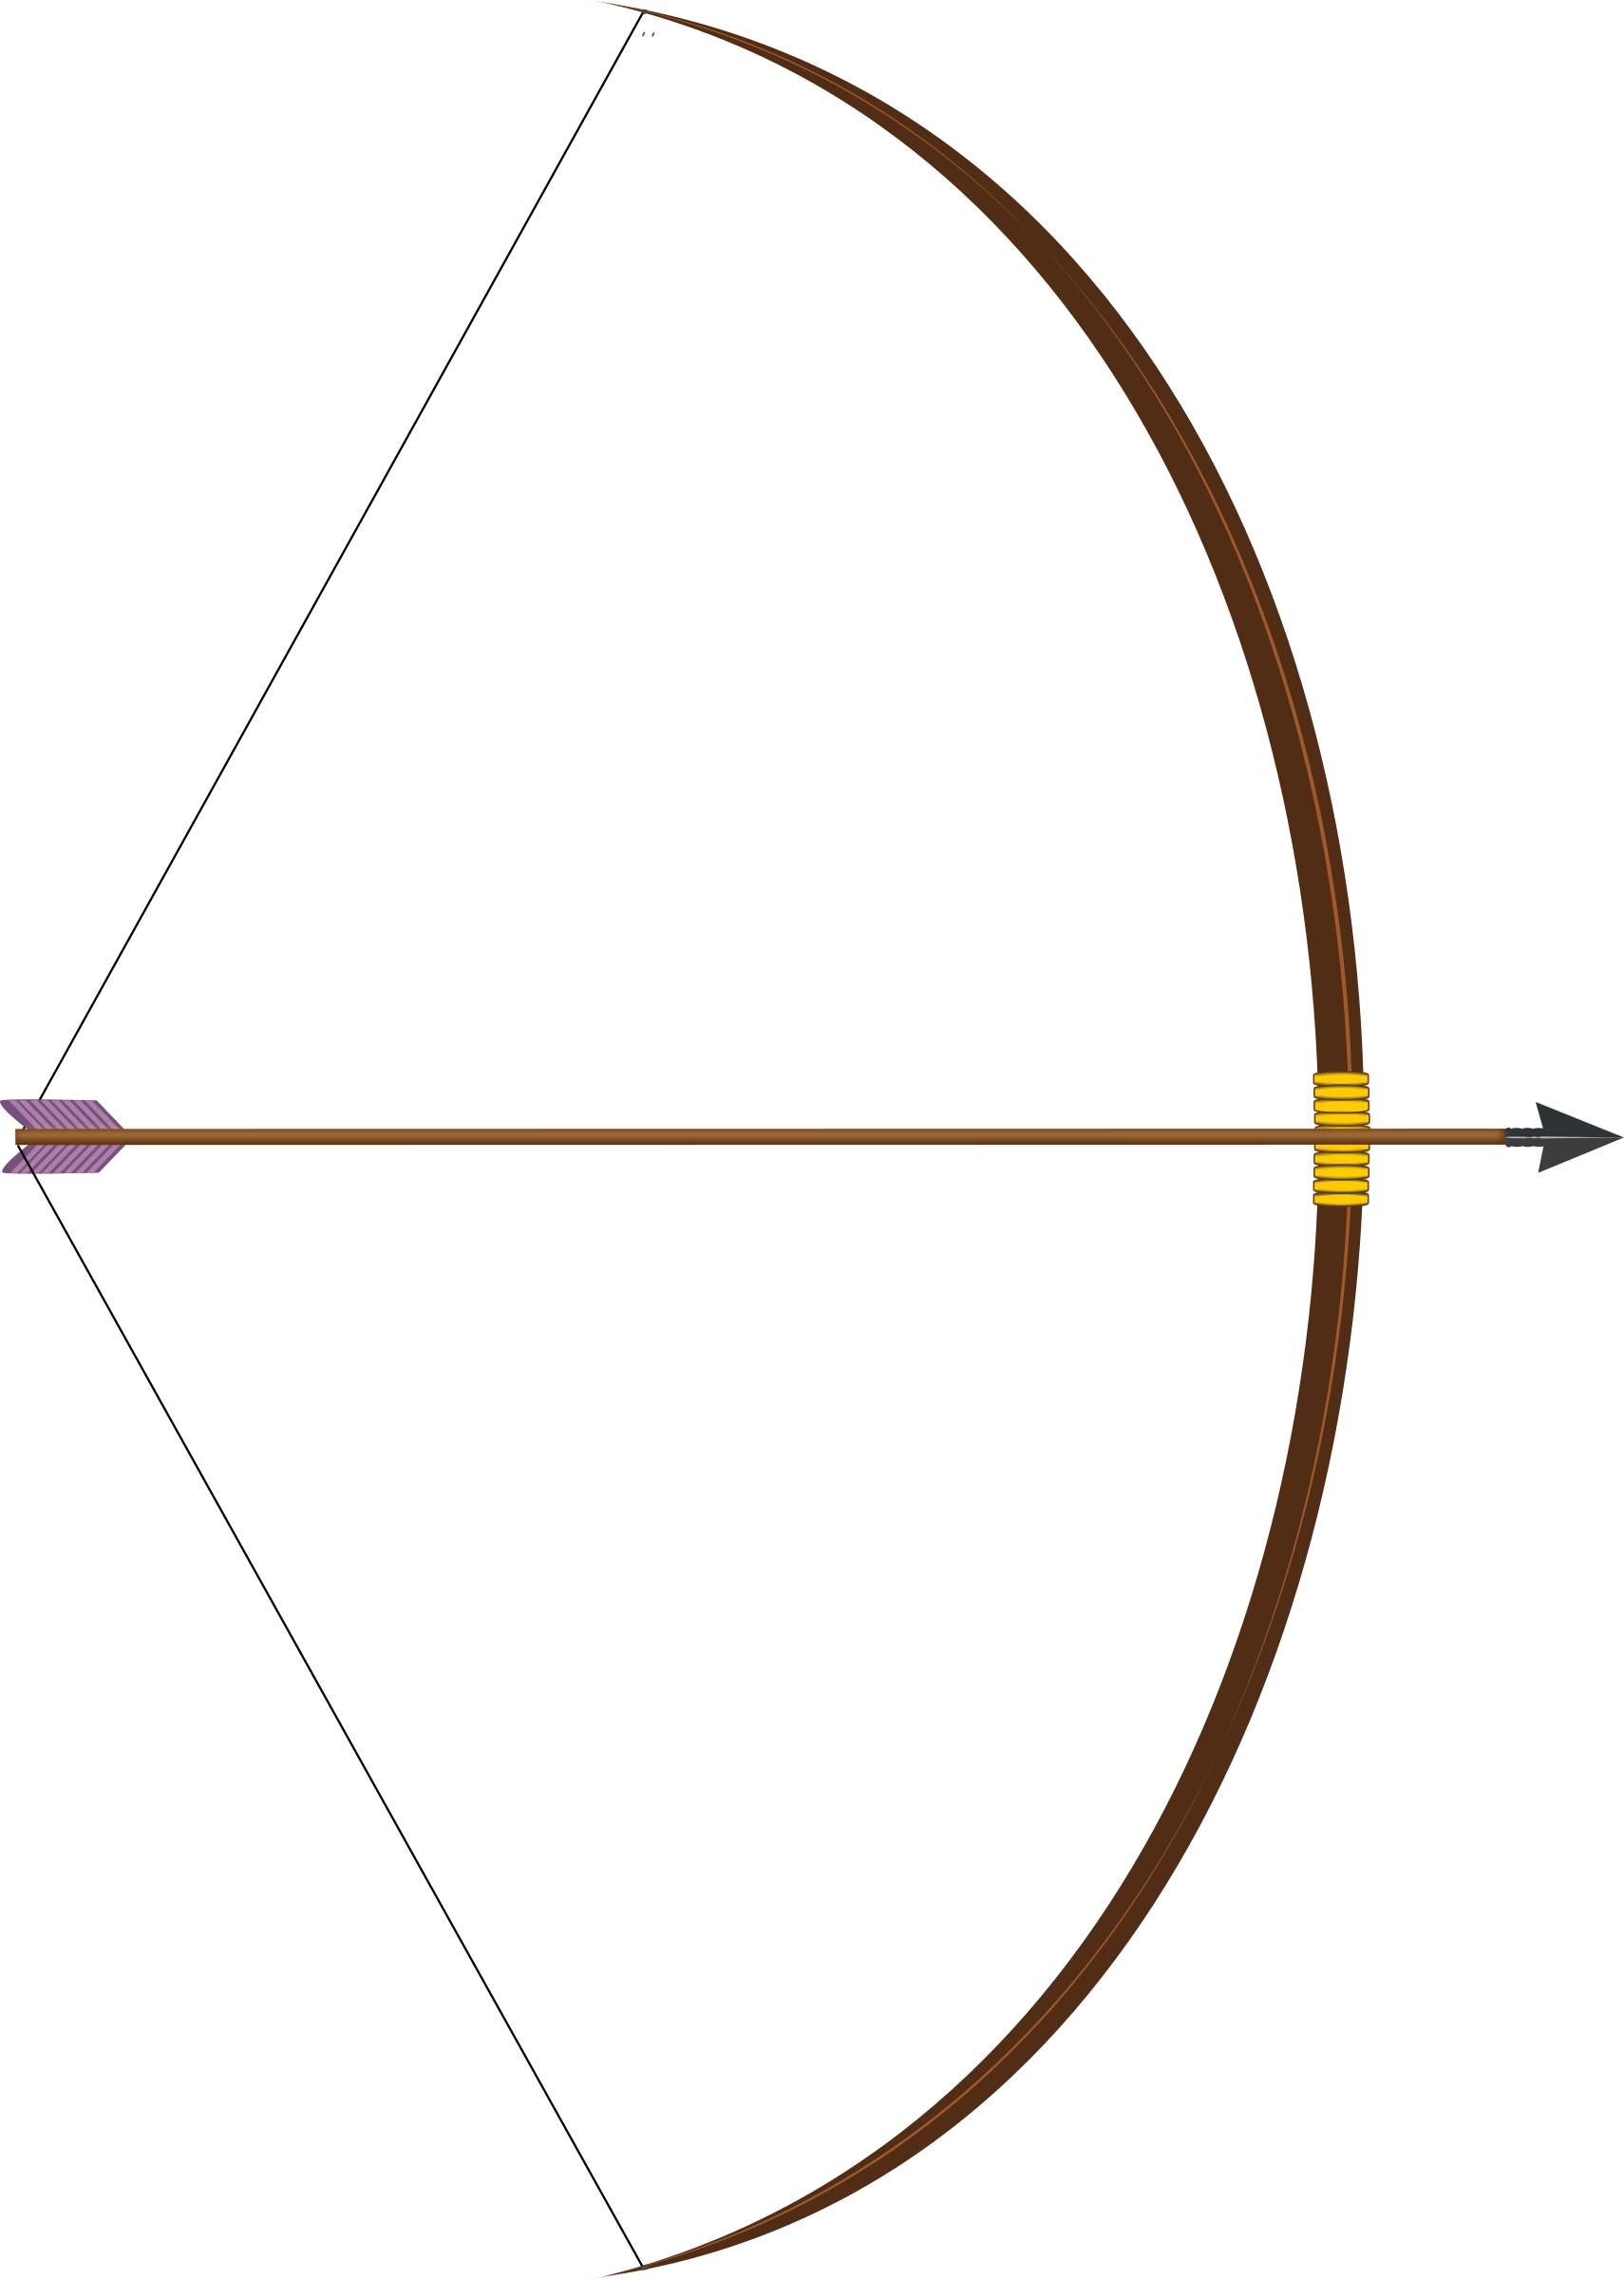 1710x2400 Arrow bow clipart, explore pictures